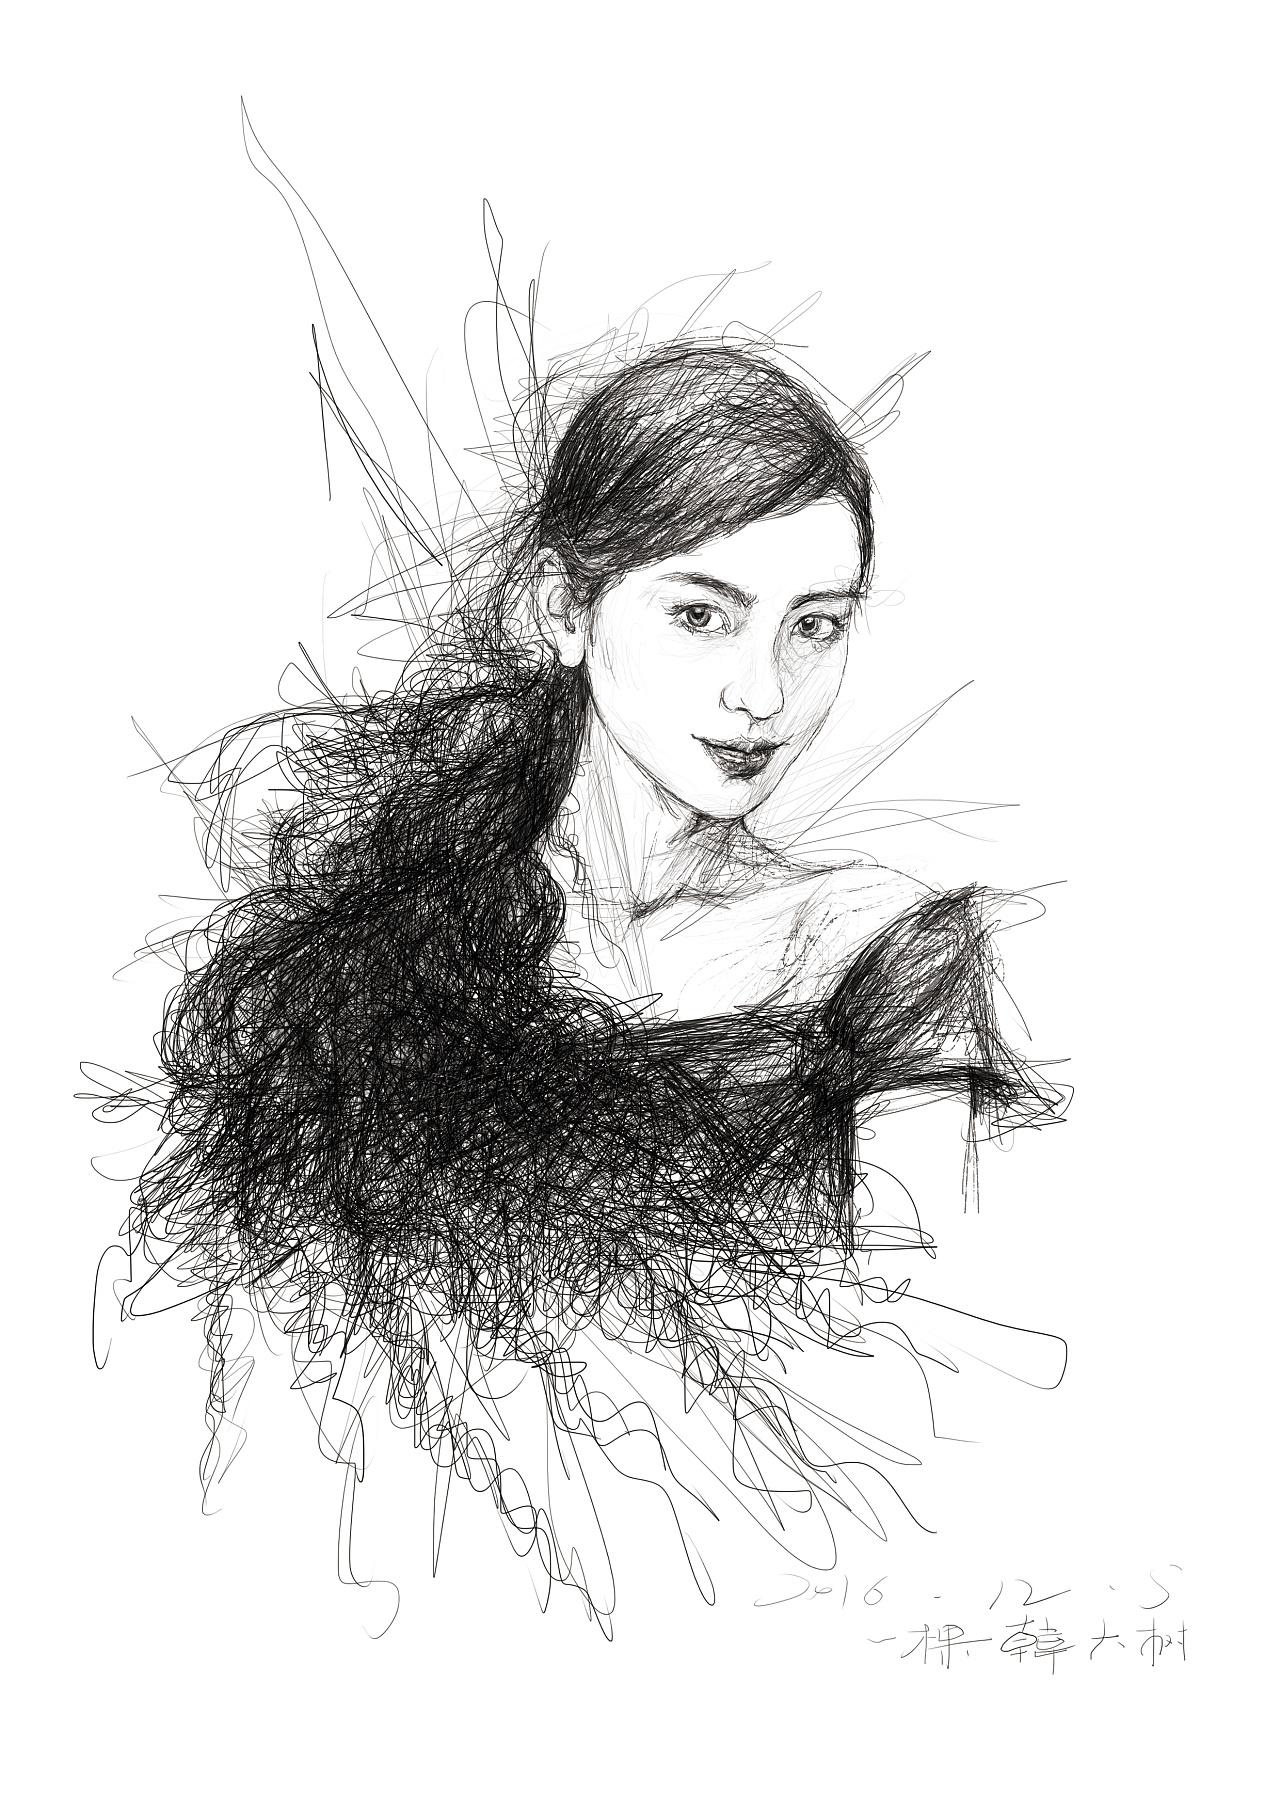 手绘练习 插画 其他插画 一棵韩大树 - 原创作品